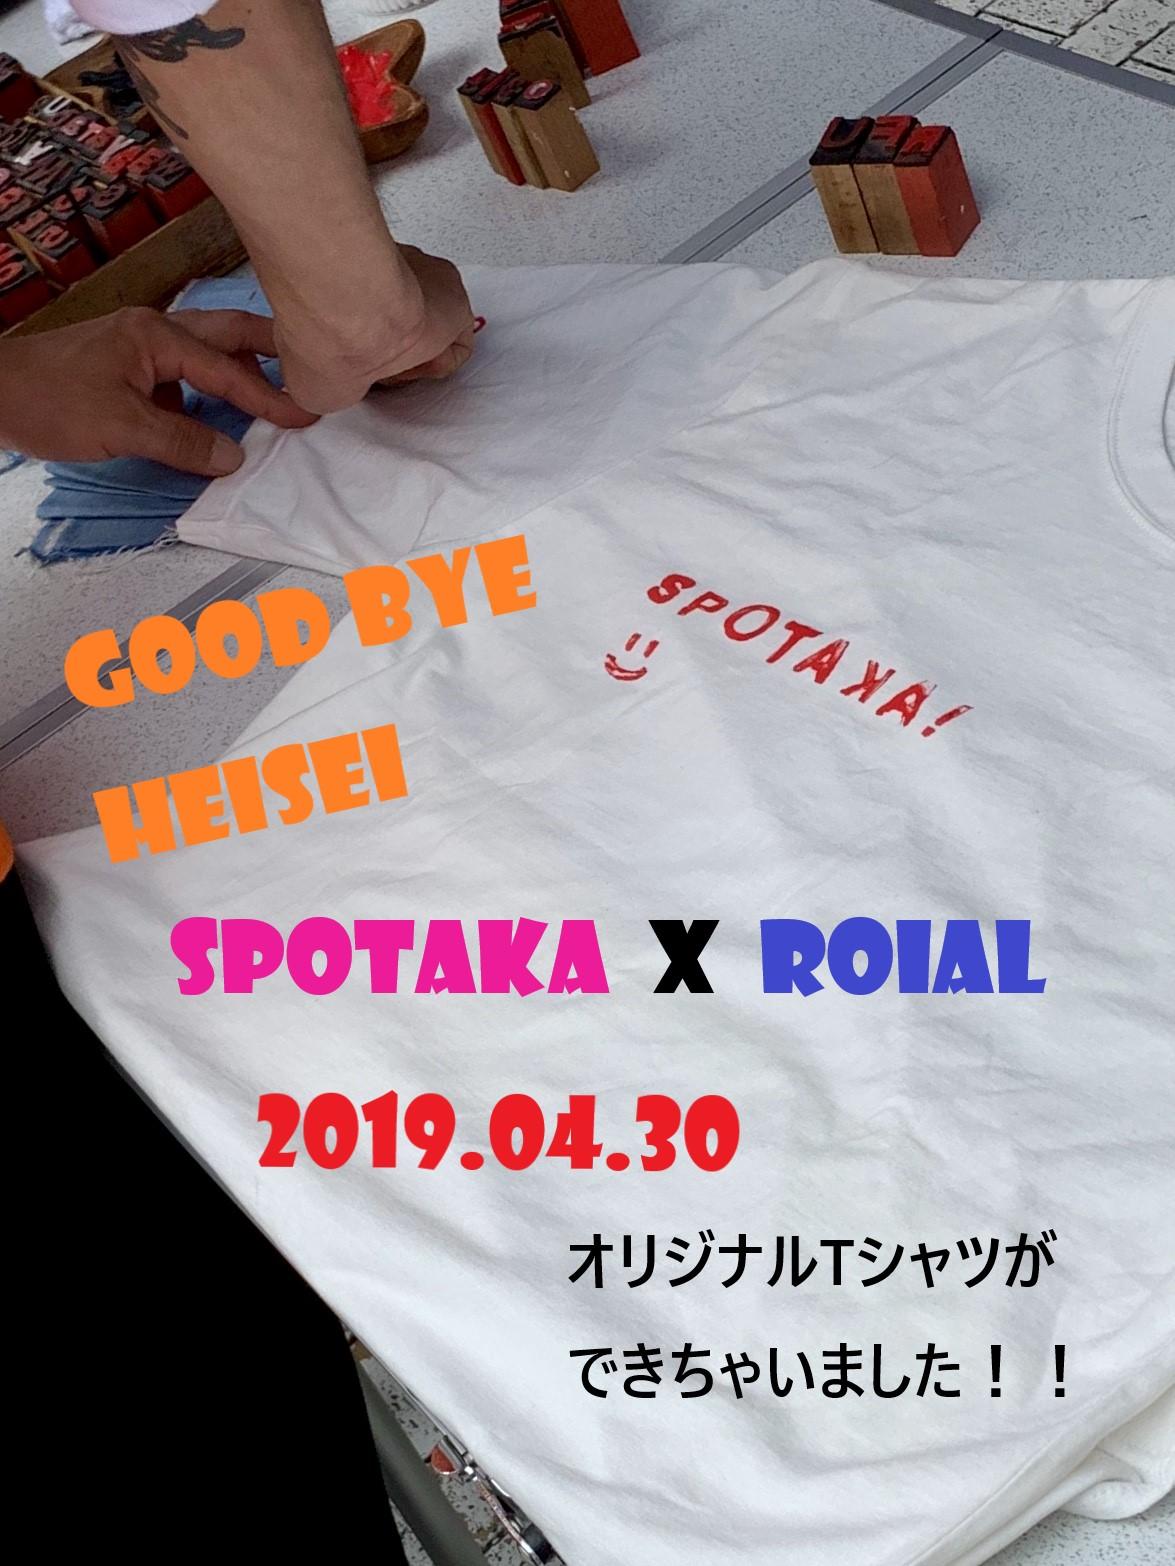 平成最後の日。SPOTAKA x  ROIAL 別注Tシャツ! 自分だけのオリジナルTシャツに変身!